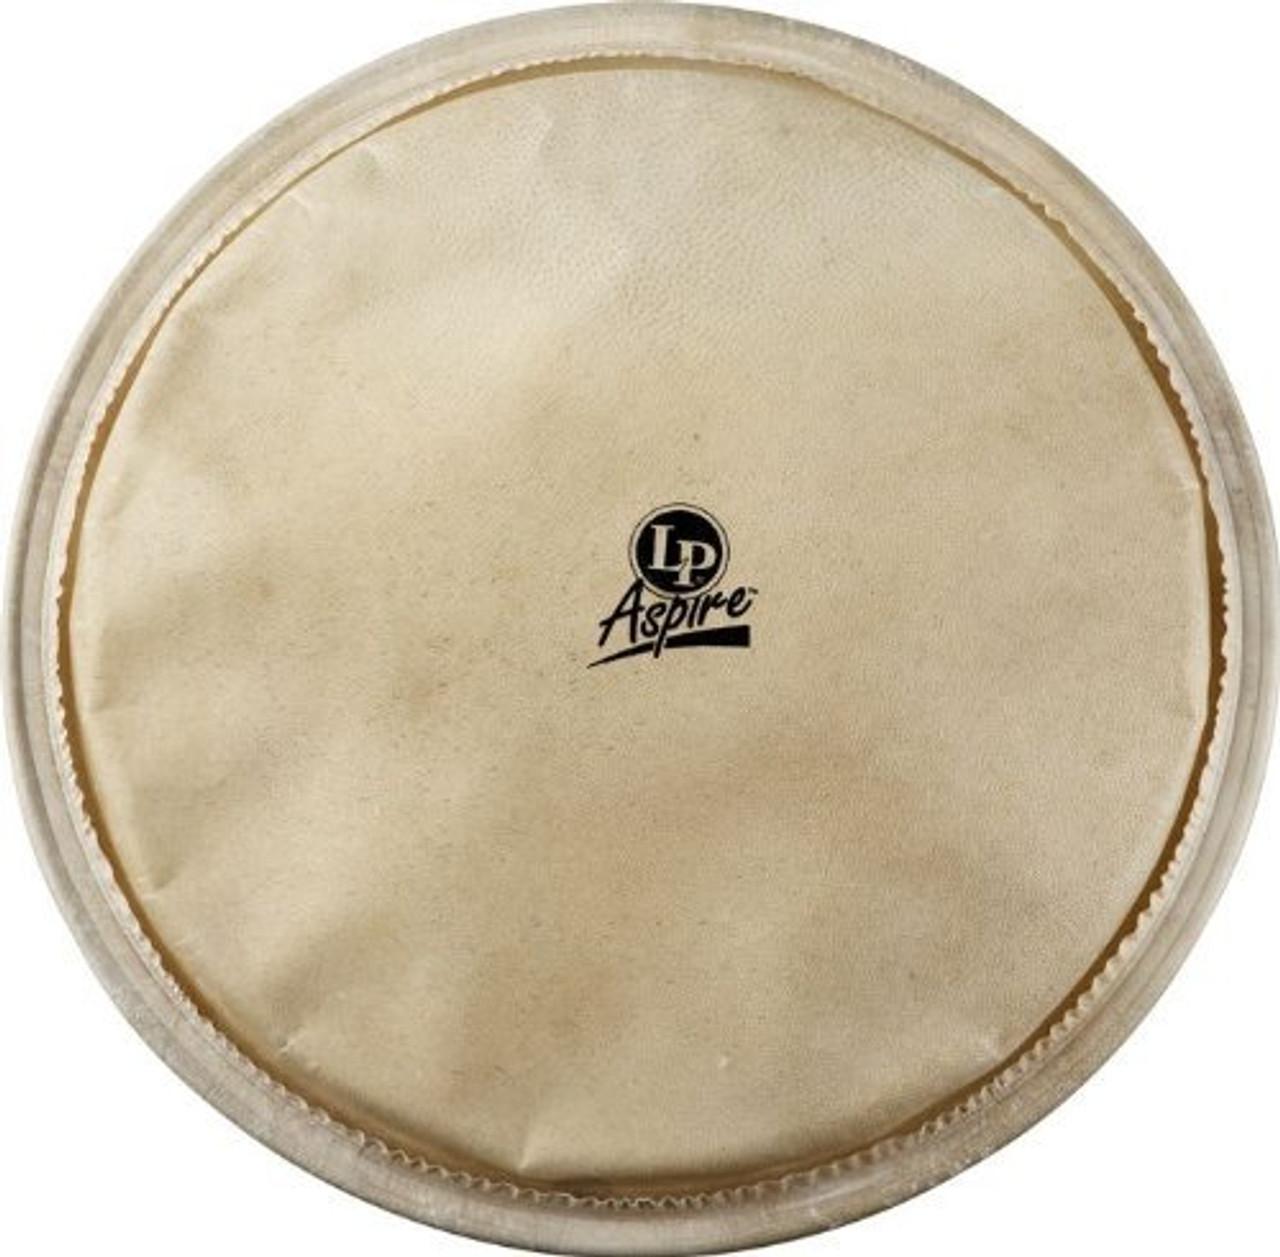 Drum Workshop Djembe Head 12 1/2 for Lpa630 & Caliente